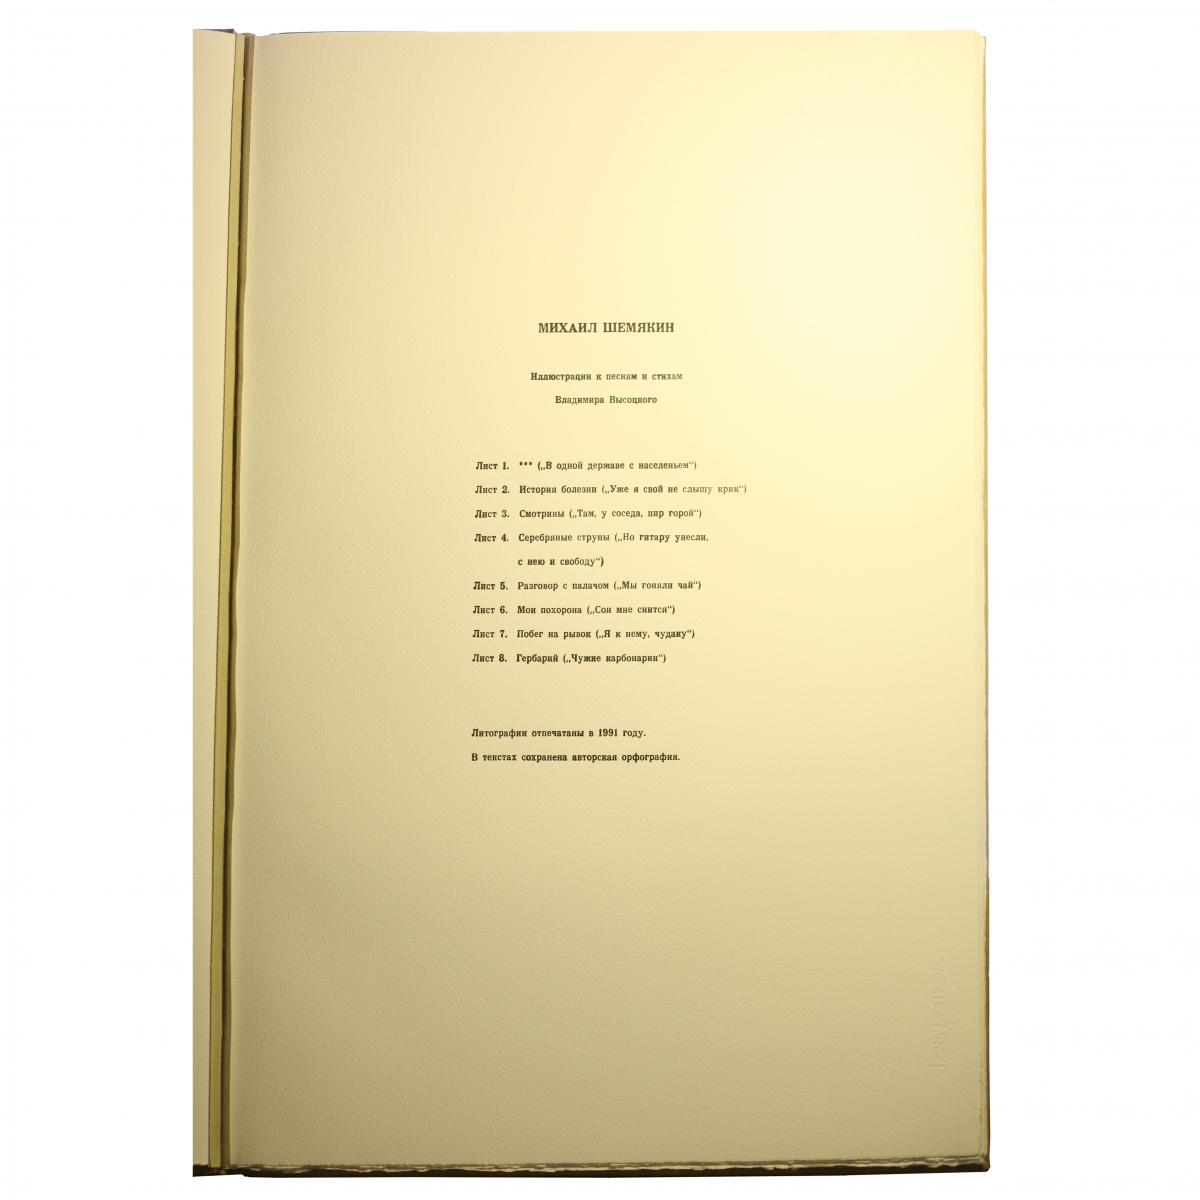 Лист с содержанием альбома